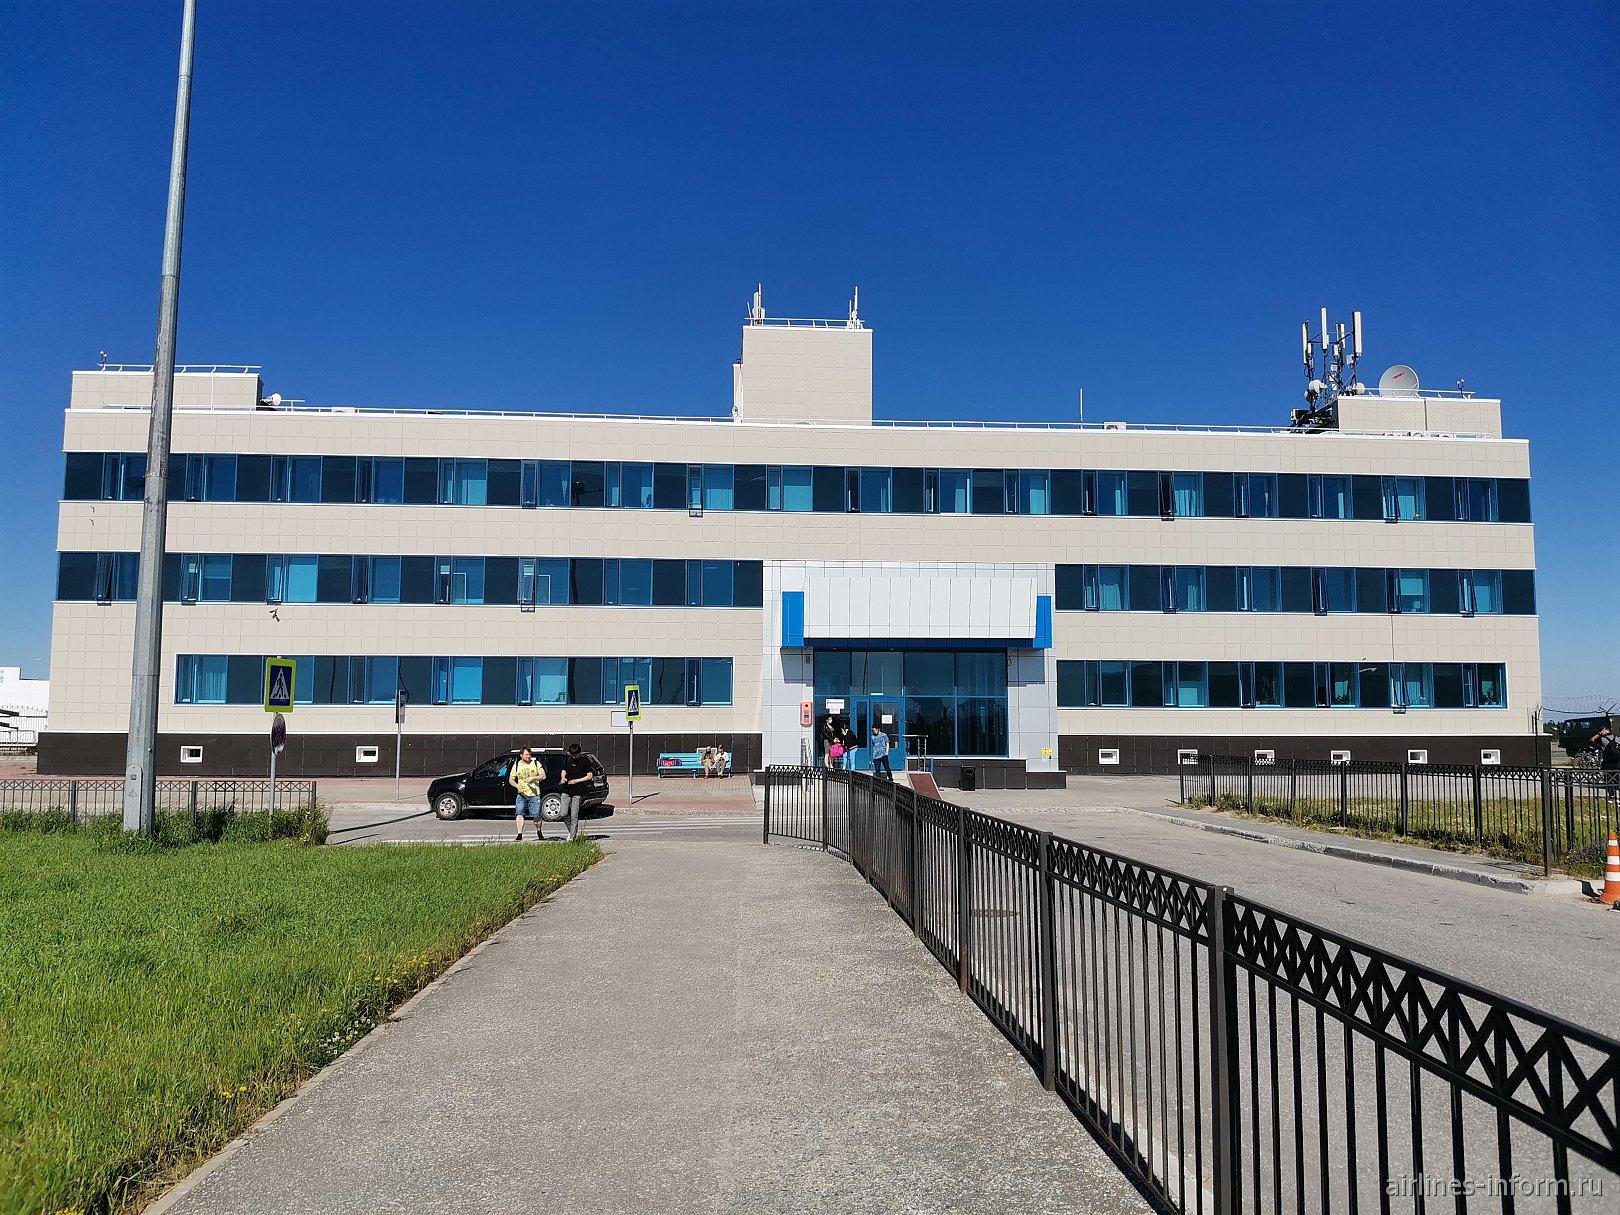 Вид с привокзальной площади на аэровокзал аэропорта Нарьян-Мар